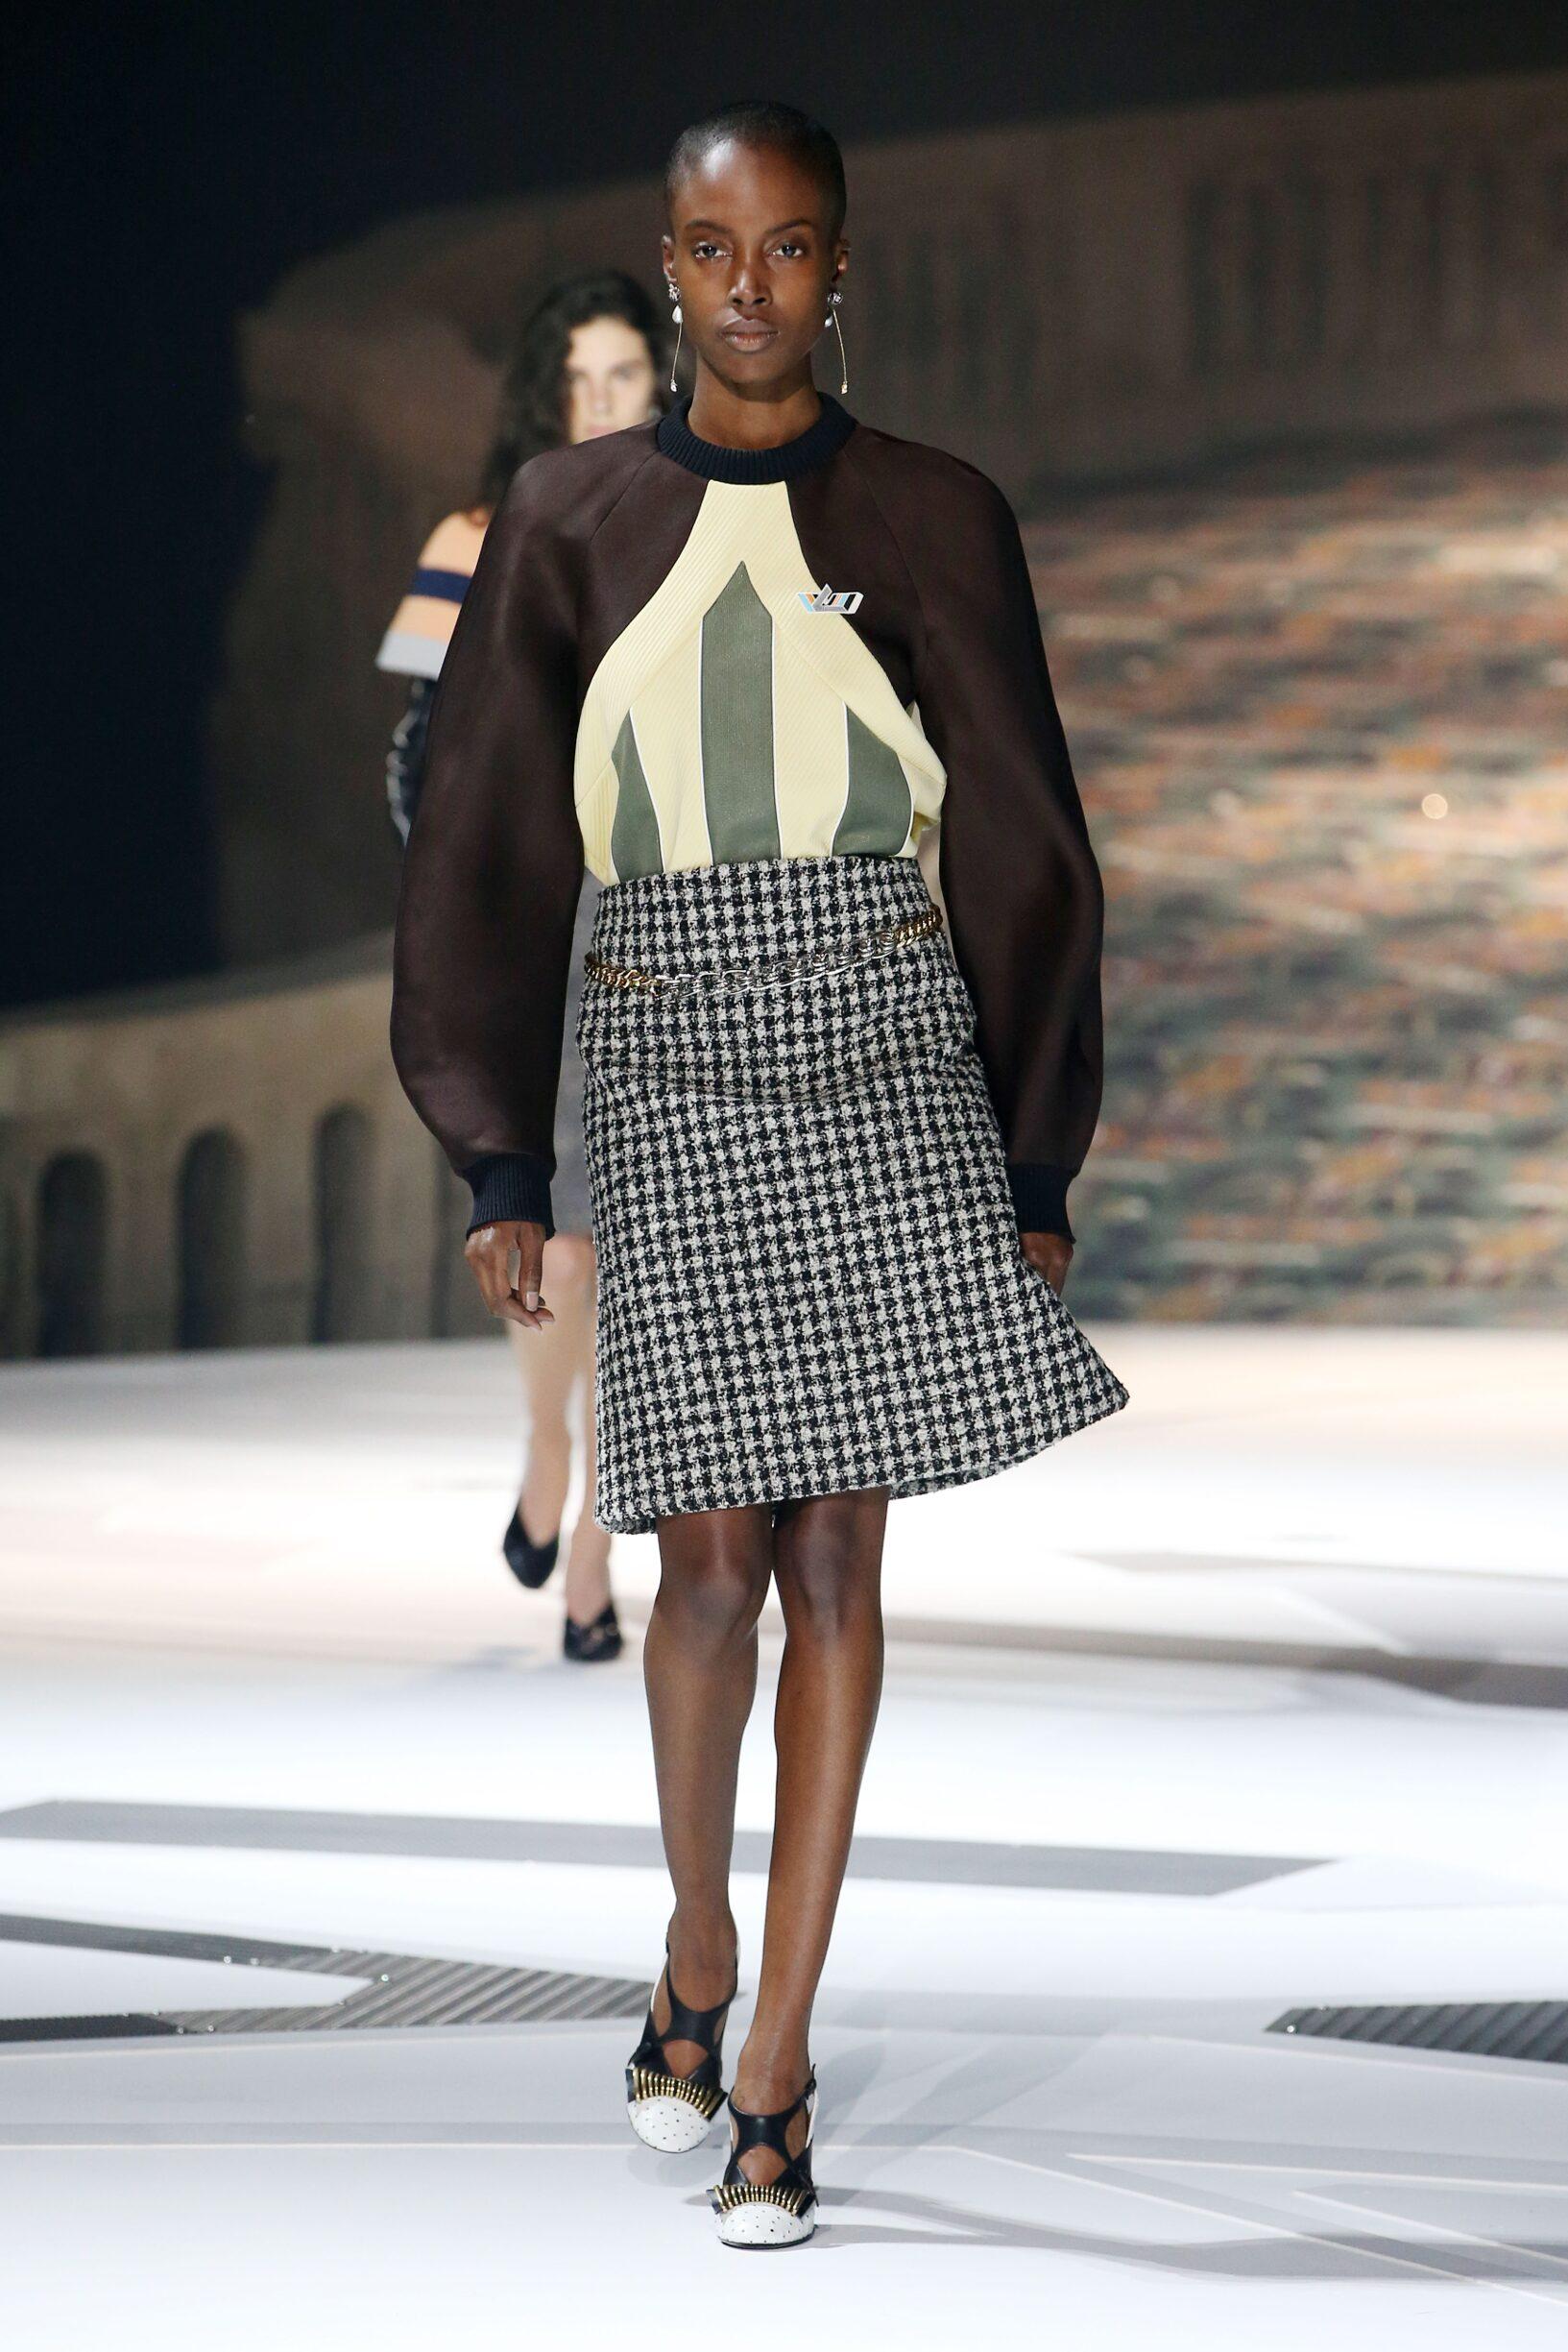 Runway Louis Vuitton Fall Winter 2018 Women's Collection Paris Fashion Week